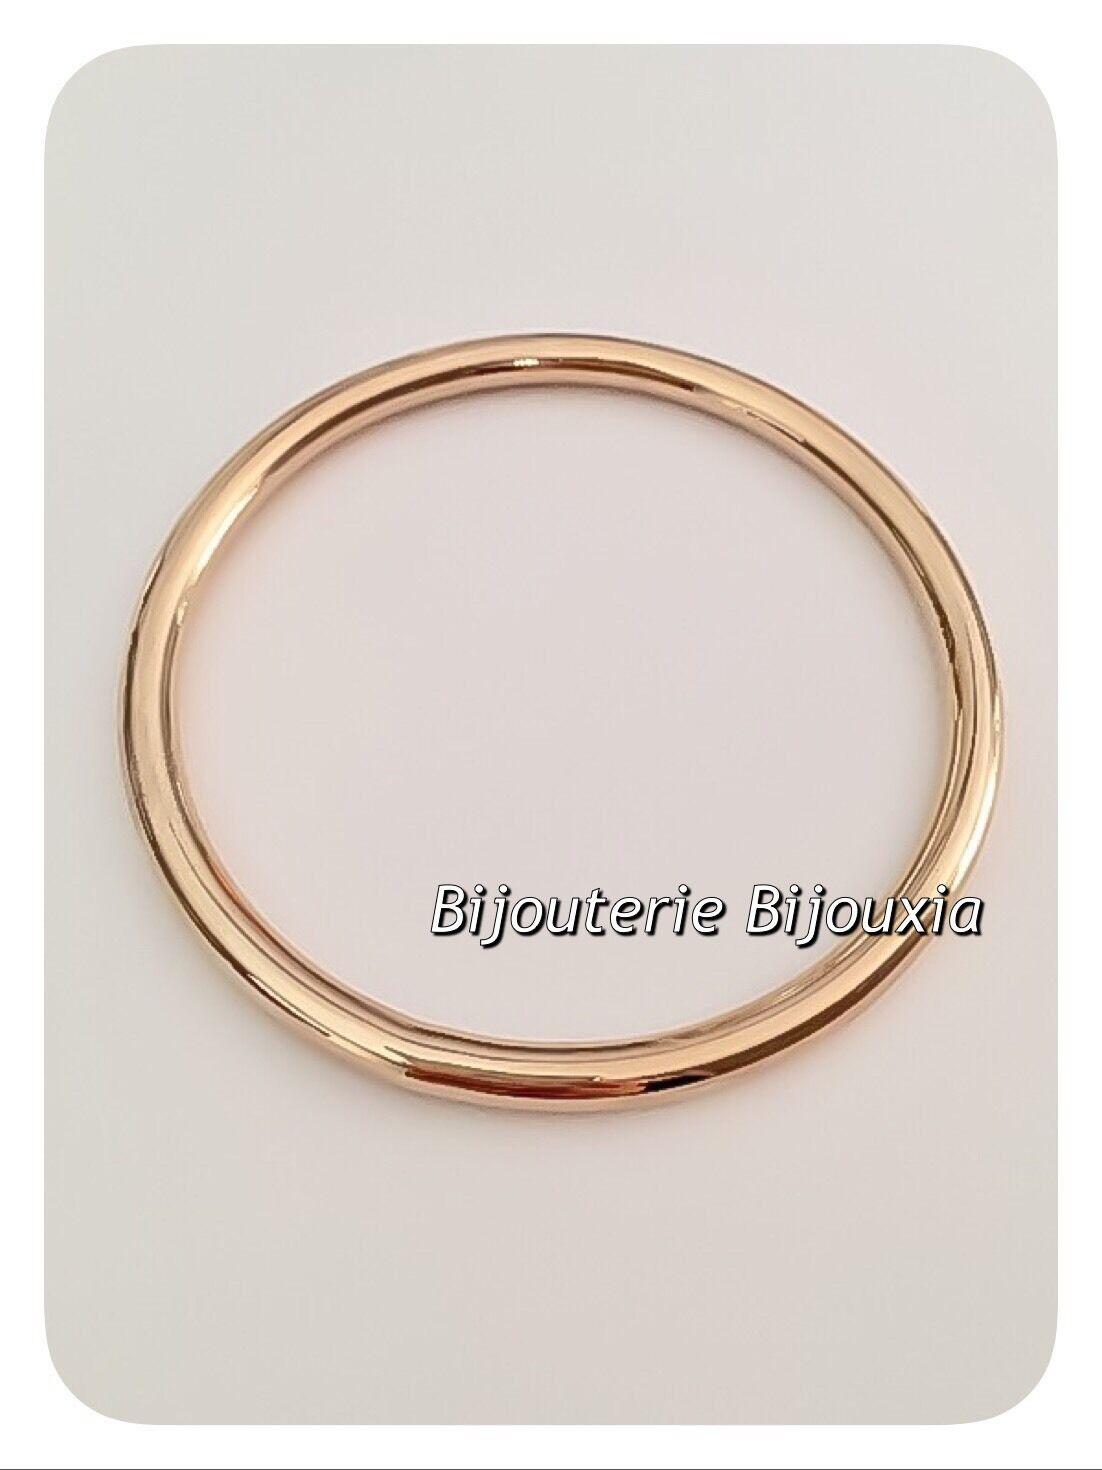 bracelet jonc pais plaqu or 18 carats garanti 10 ans 6 2 cm bijoux femme eur 46 60 picclick fr. Black Bedroom Furniture Sets. Home Design Ideas